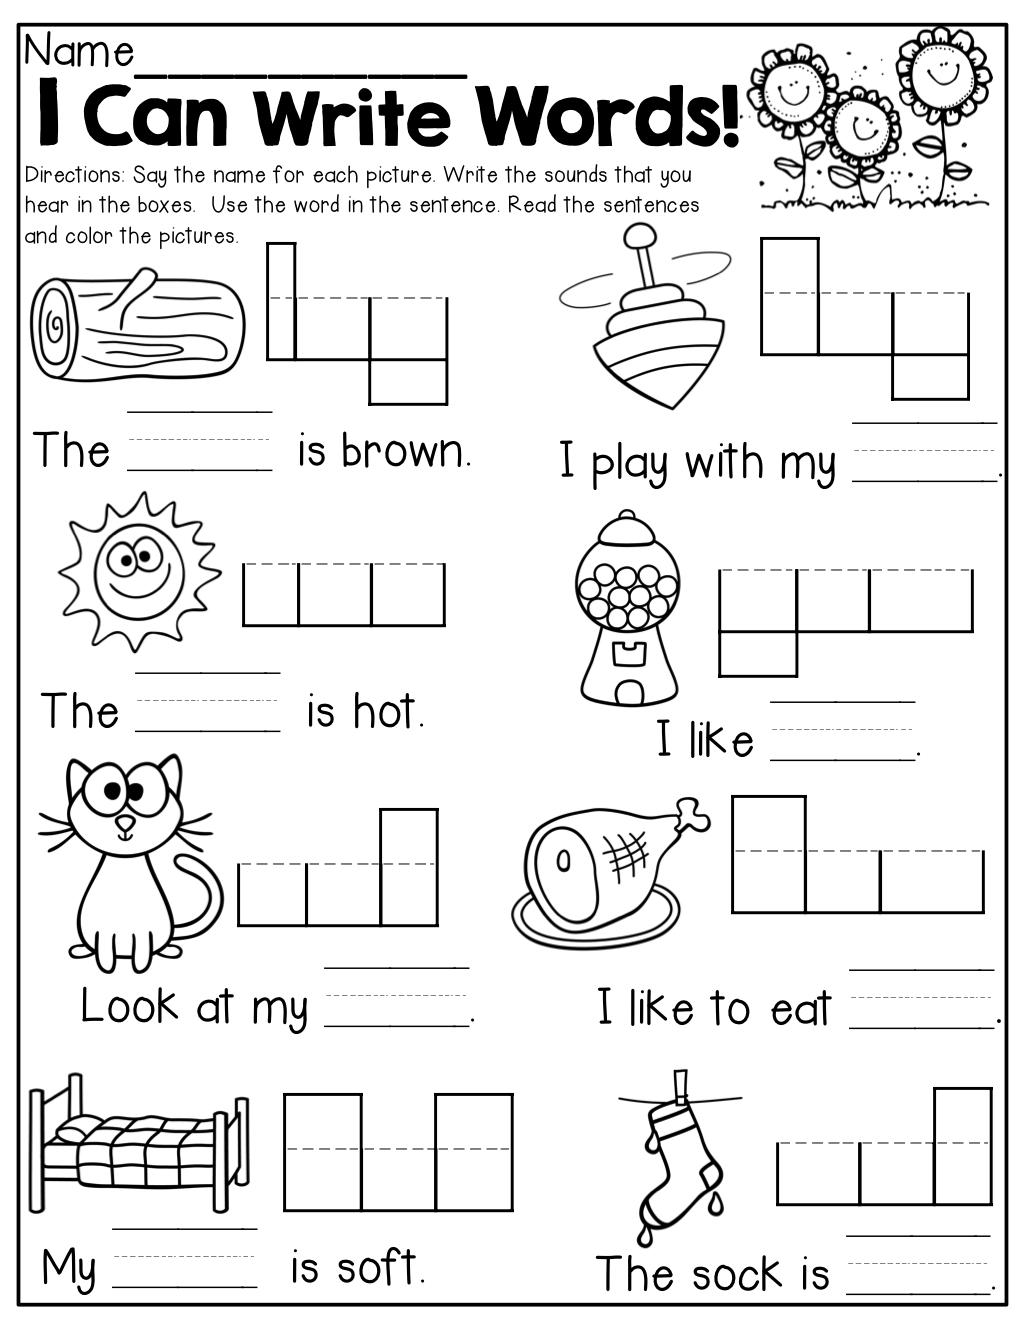 Reading Sentences For Kindergarten Worksheets With Images